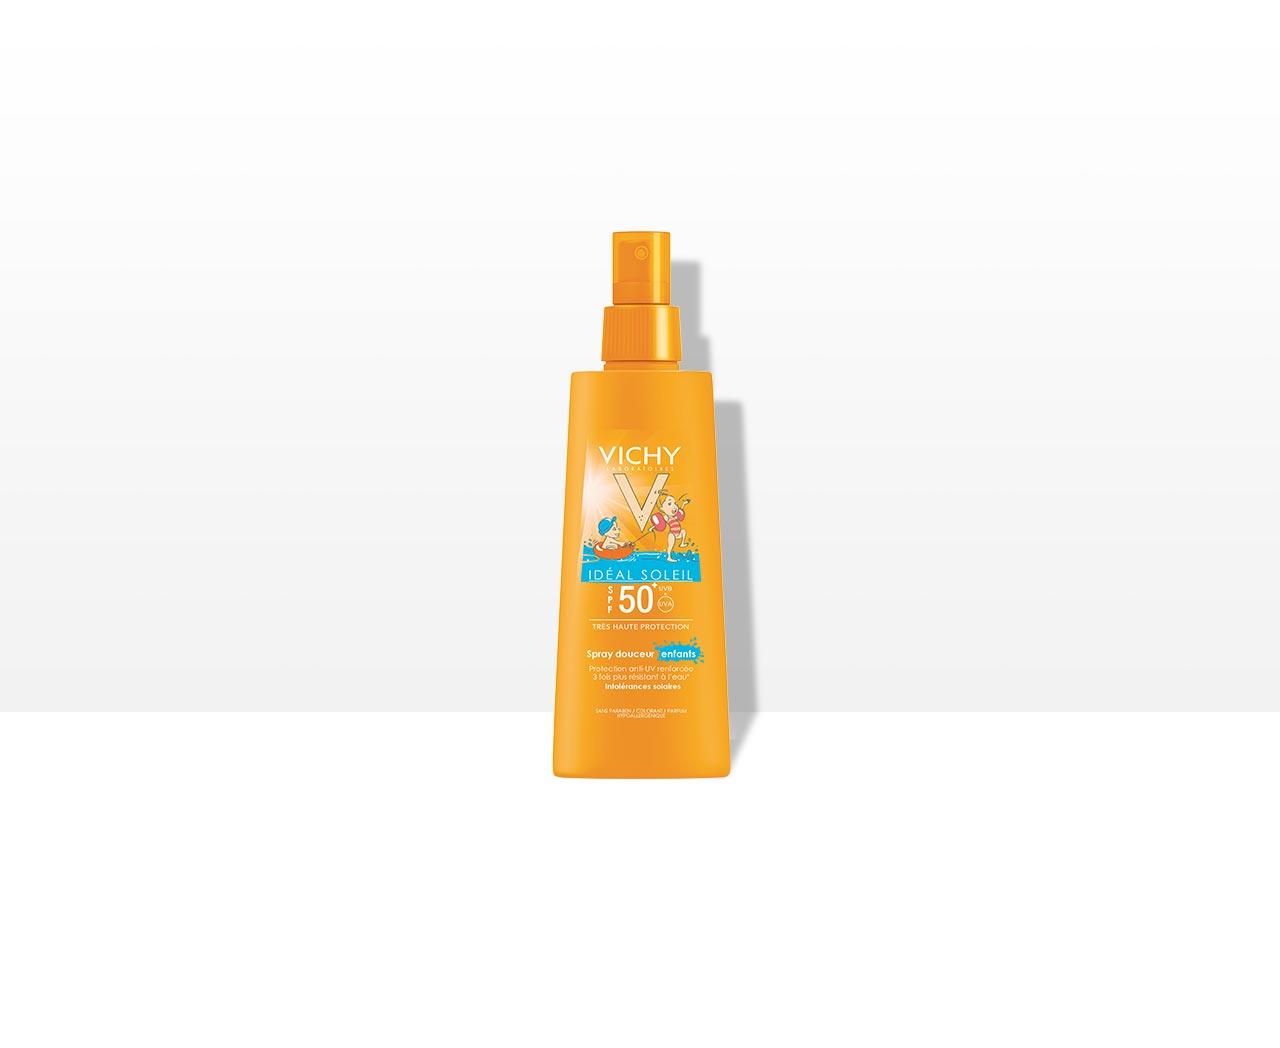 Delikatny spray dla dzieci SPF 50+, VICHY, IDEAL SOLEIL